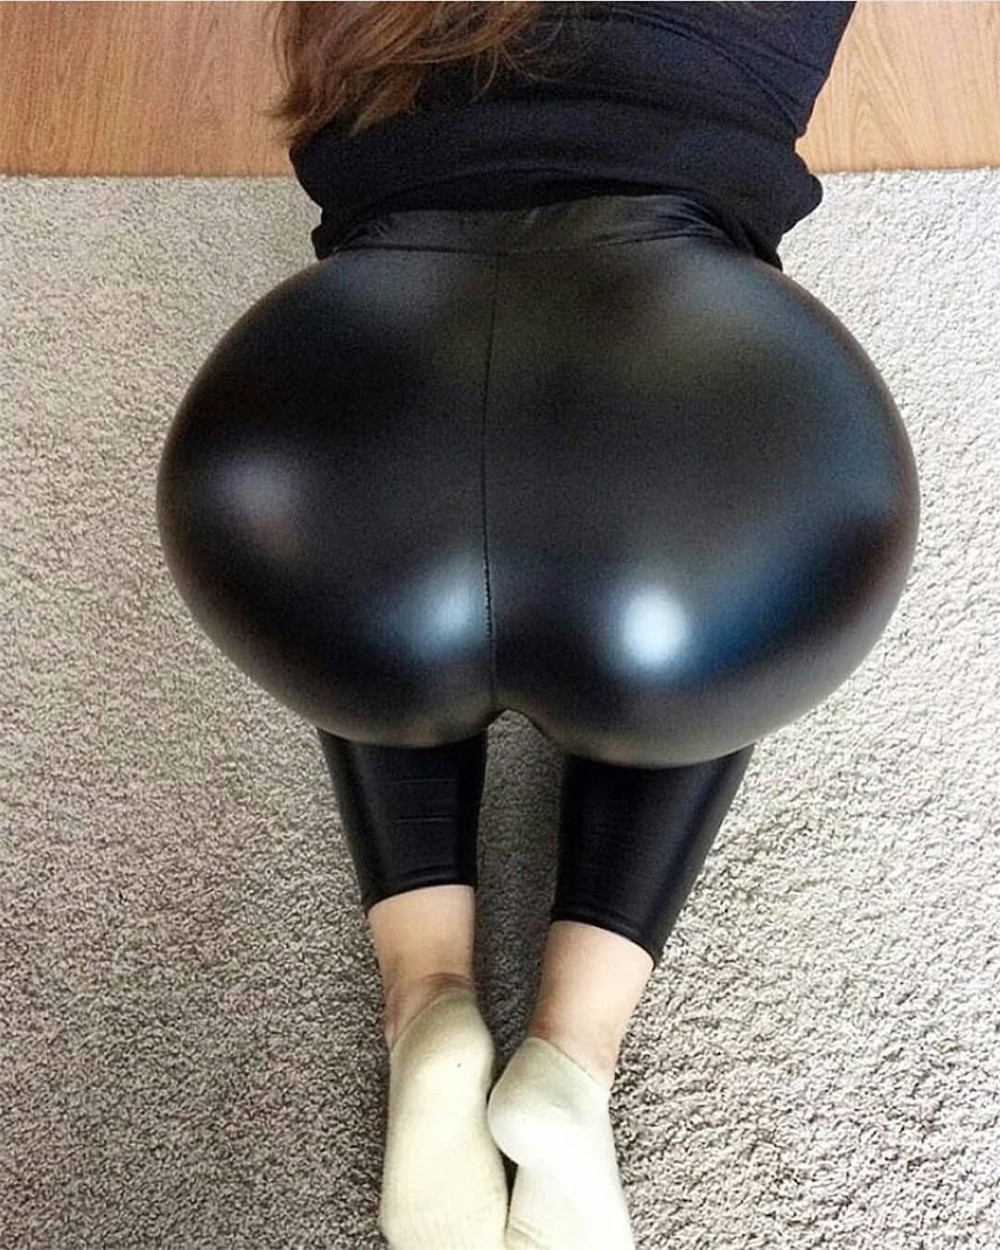 Big Ass Bubble Butt Anal